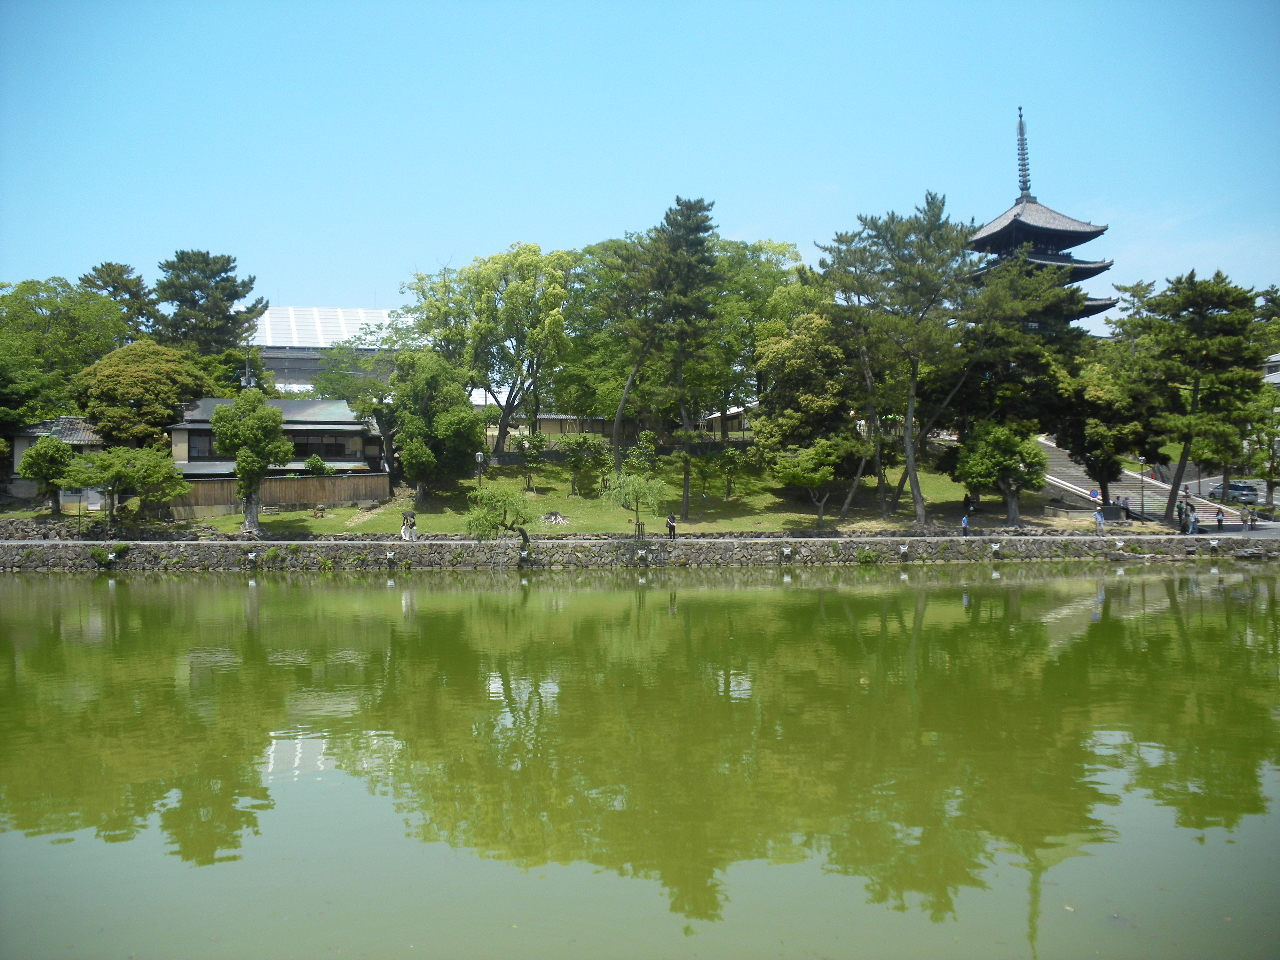 奈良猿沢池にて 1913.5.26